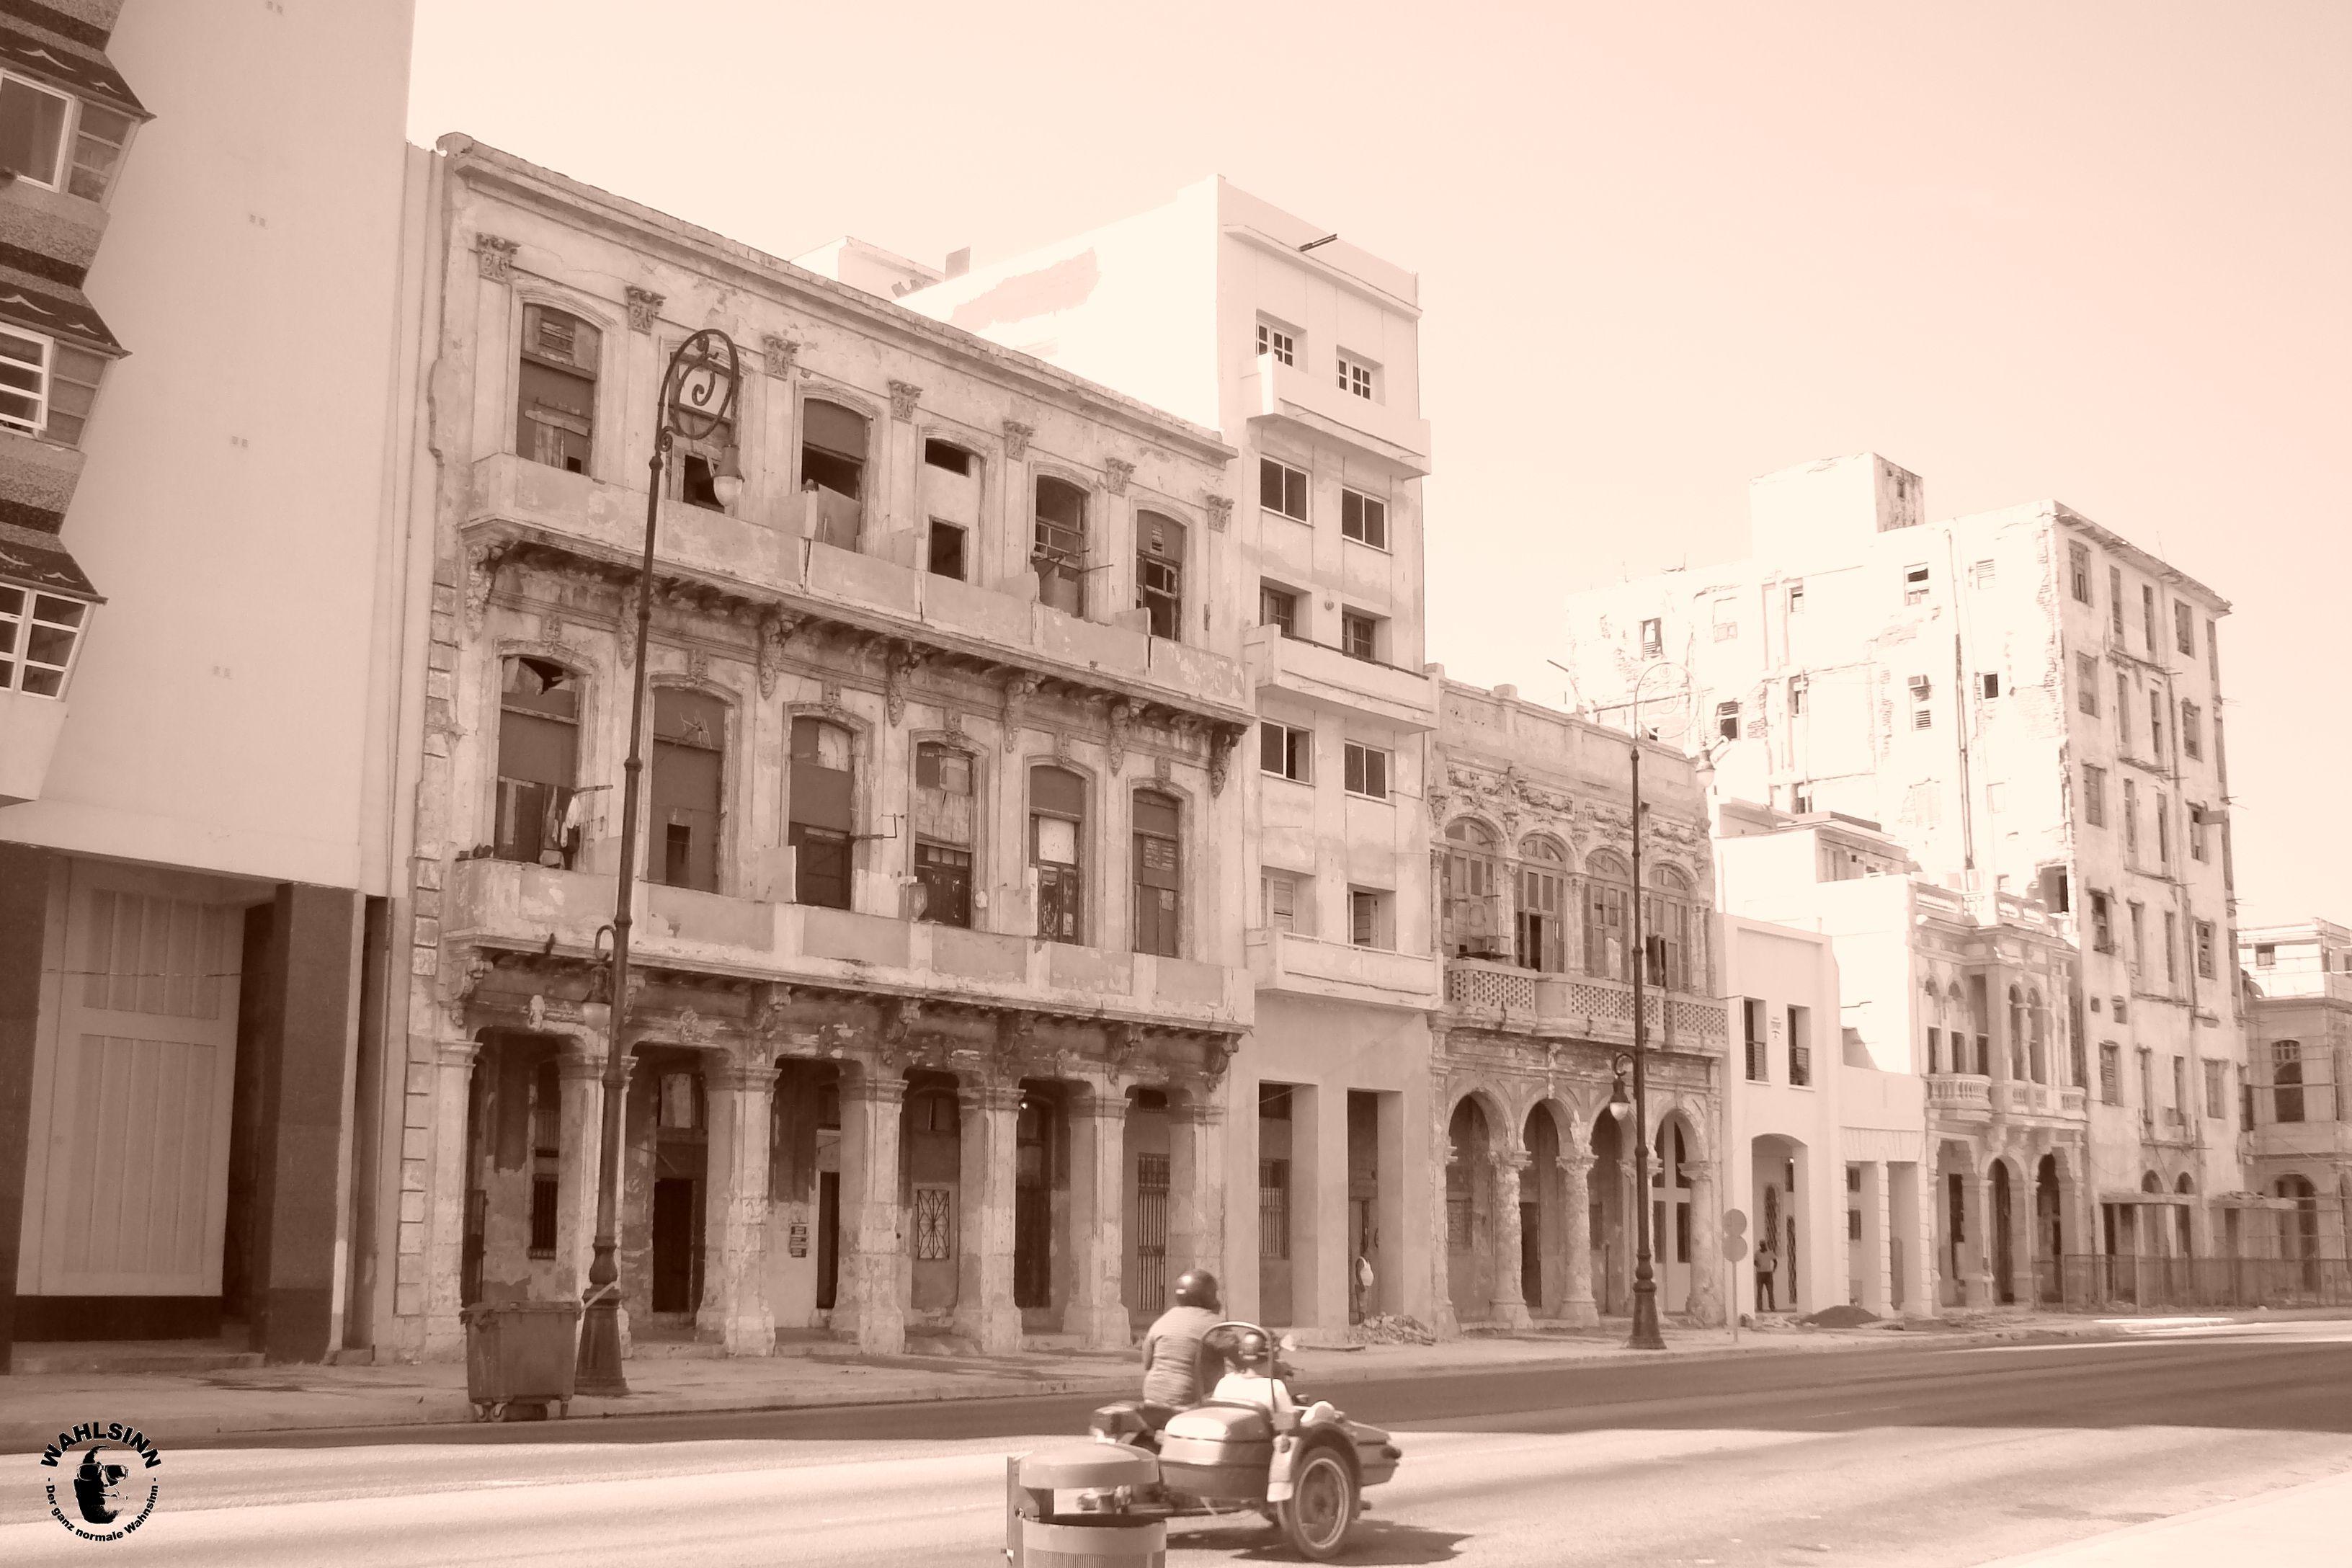 Malerisch schön ist es in Havanna (Kuba)